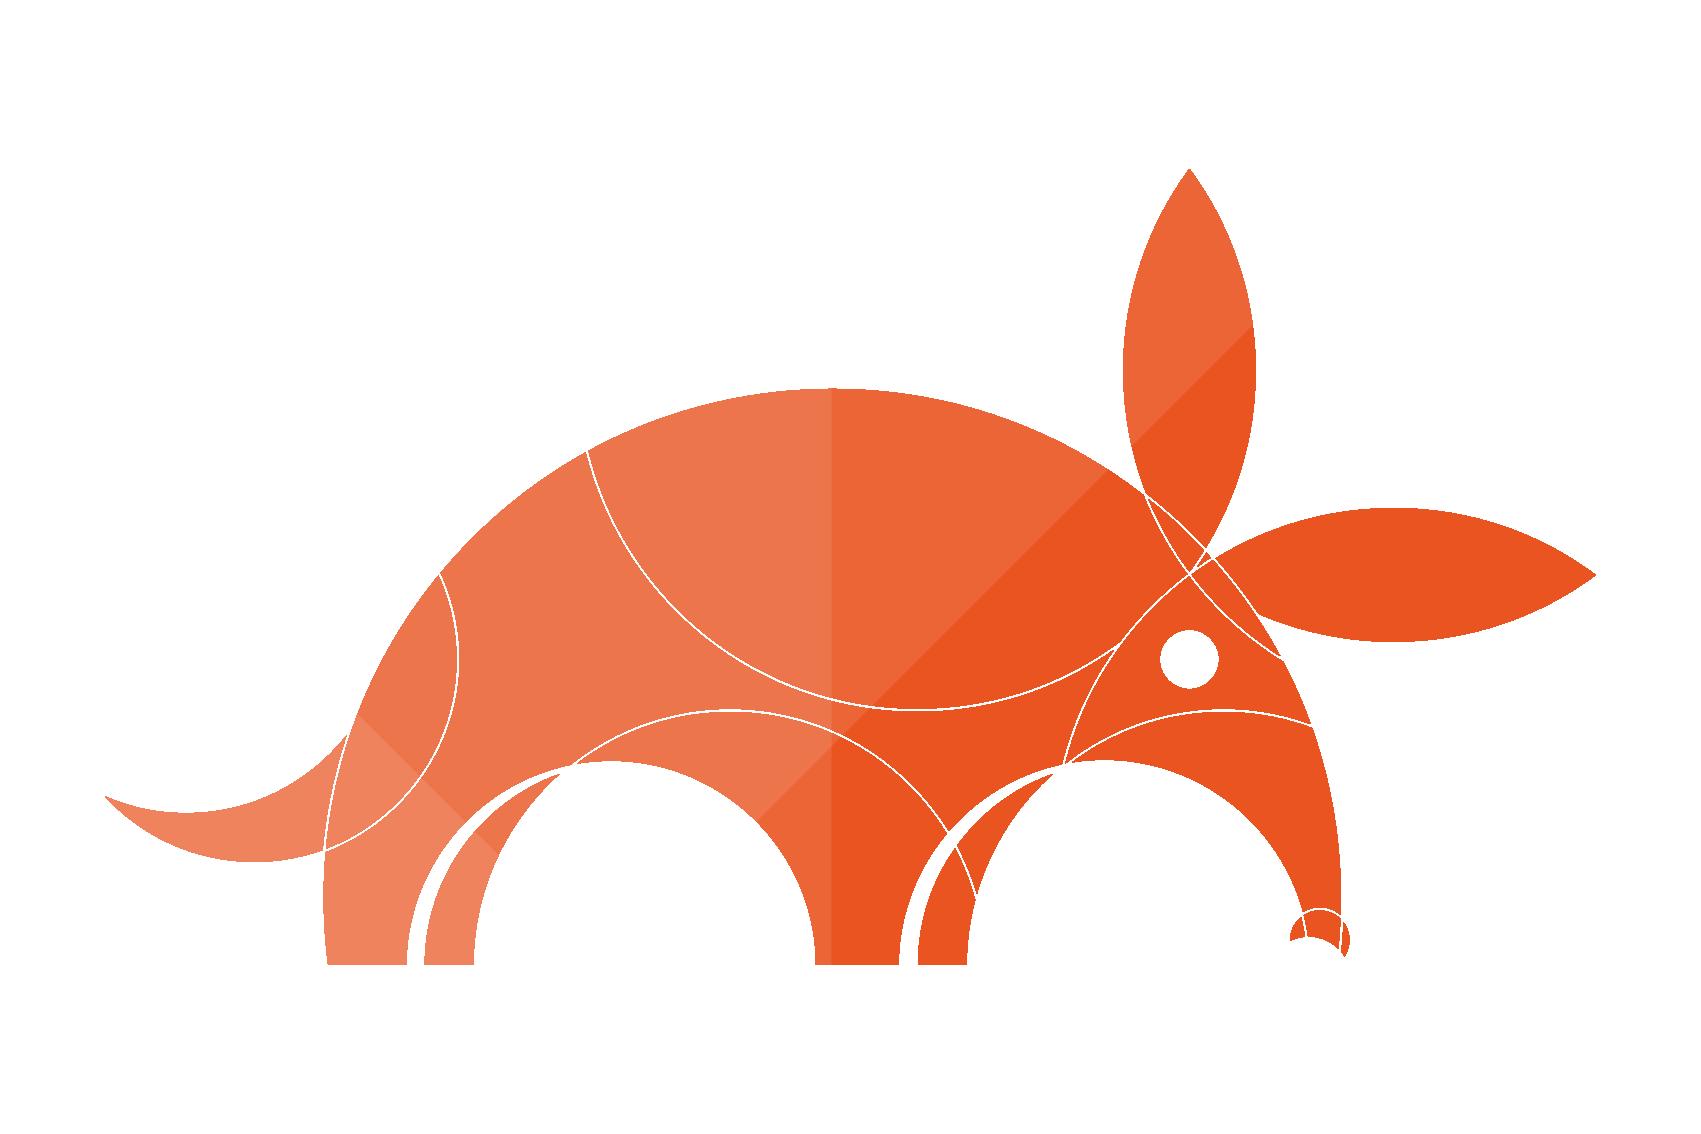 Ubuntu aadvark logó